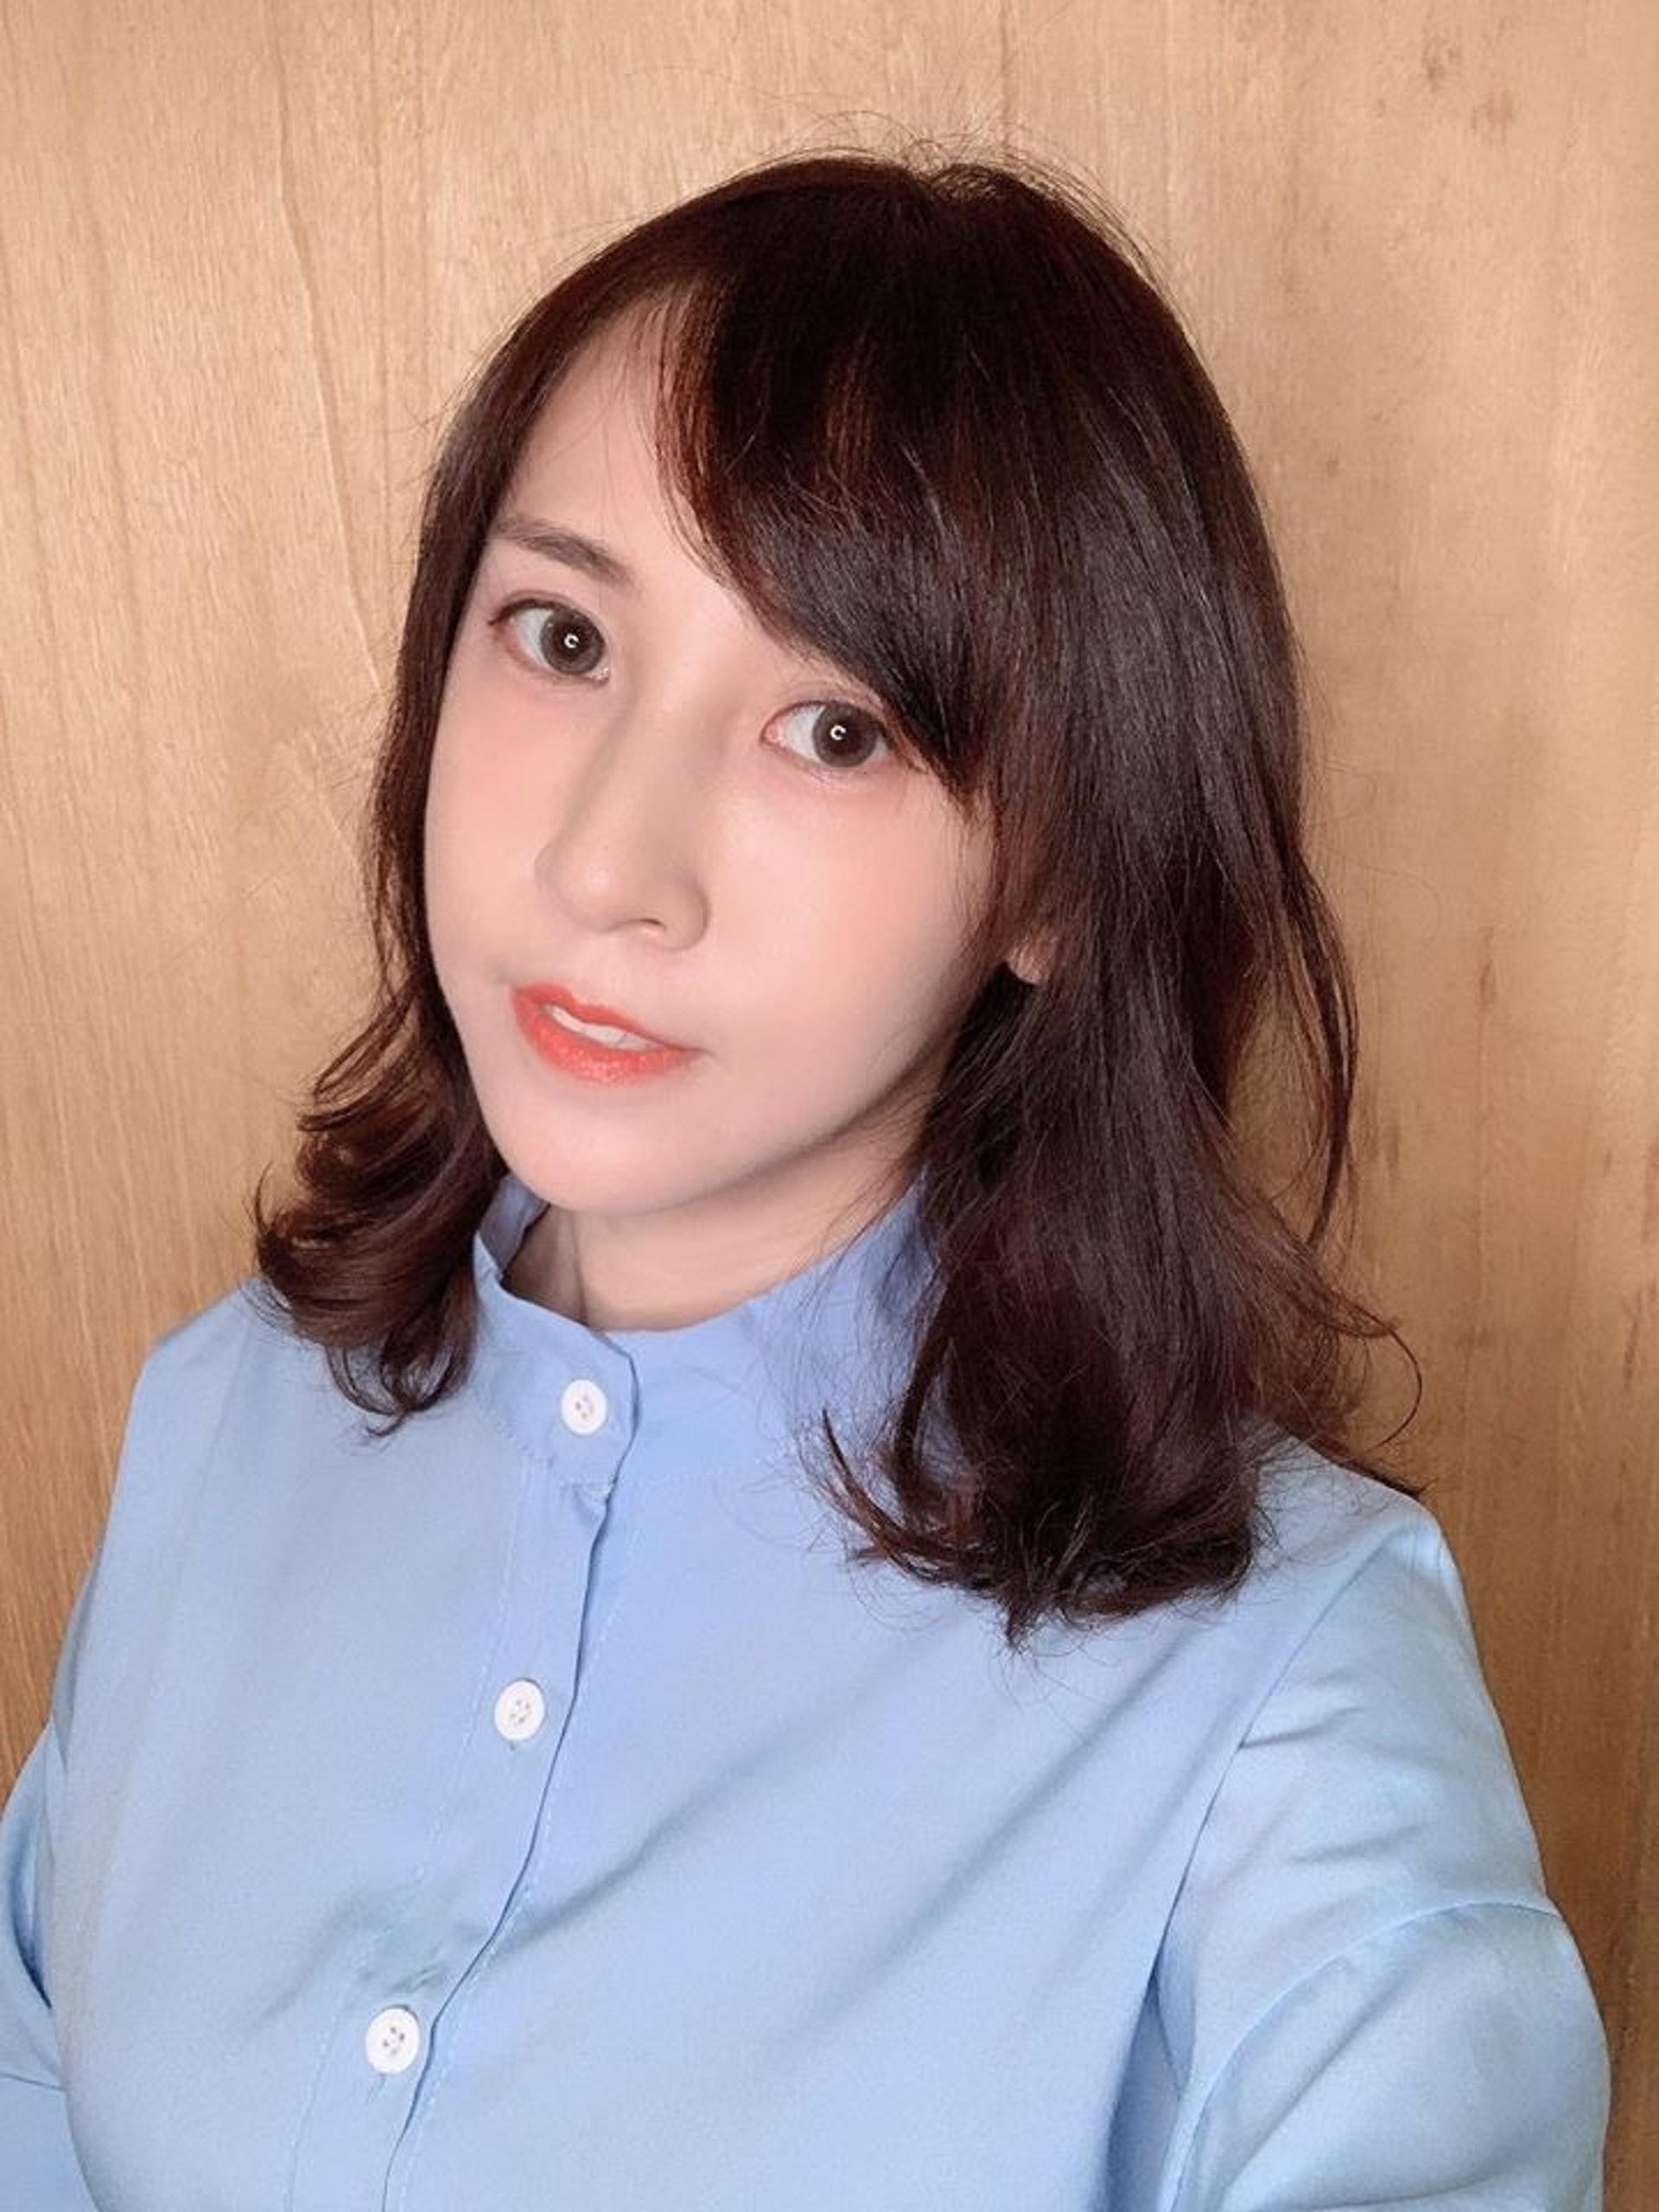 潔哥李秉潔(Facebook@mira630)